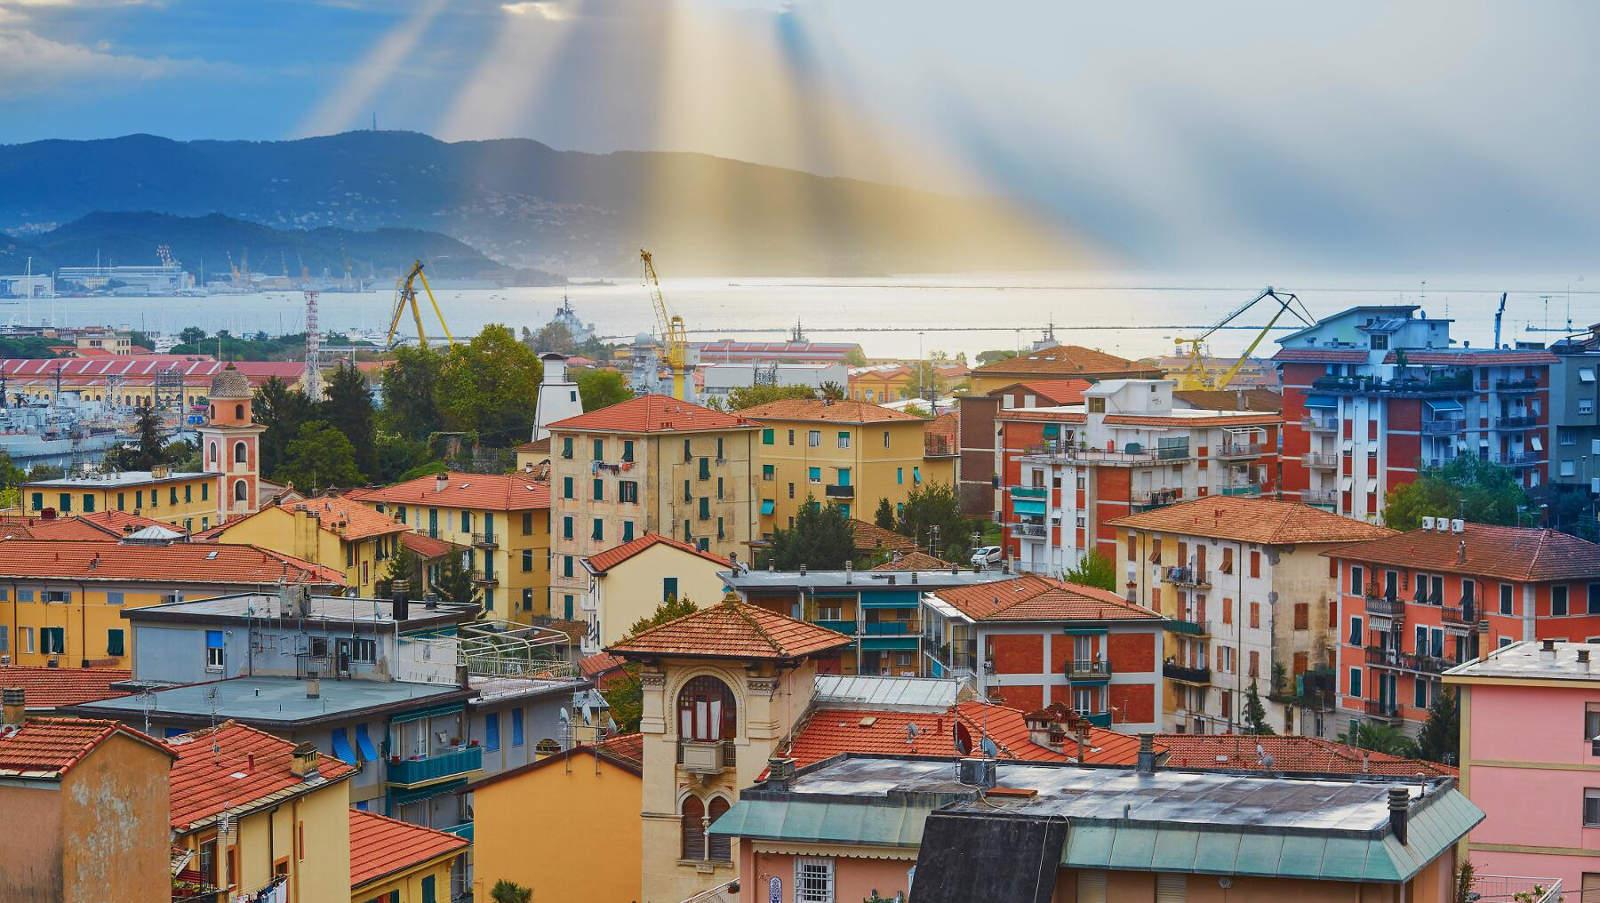 Valutazione Immobili La-Spezia